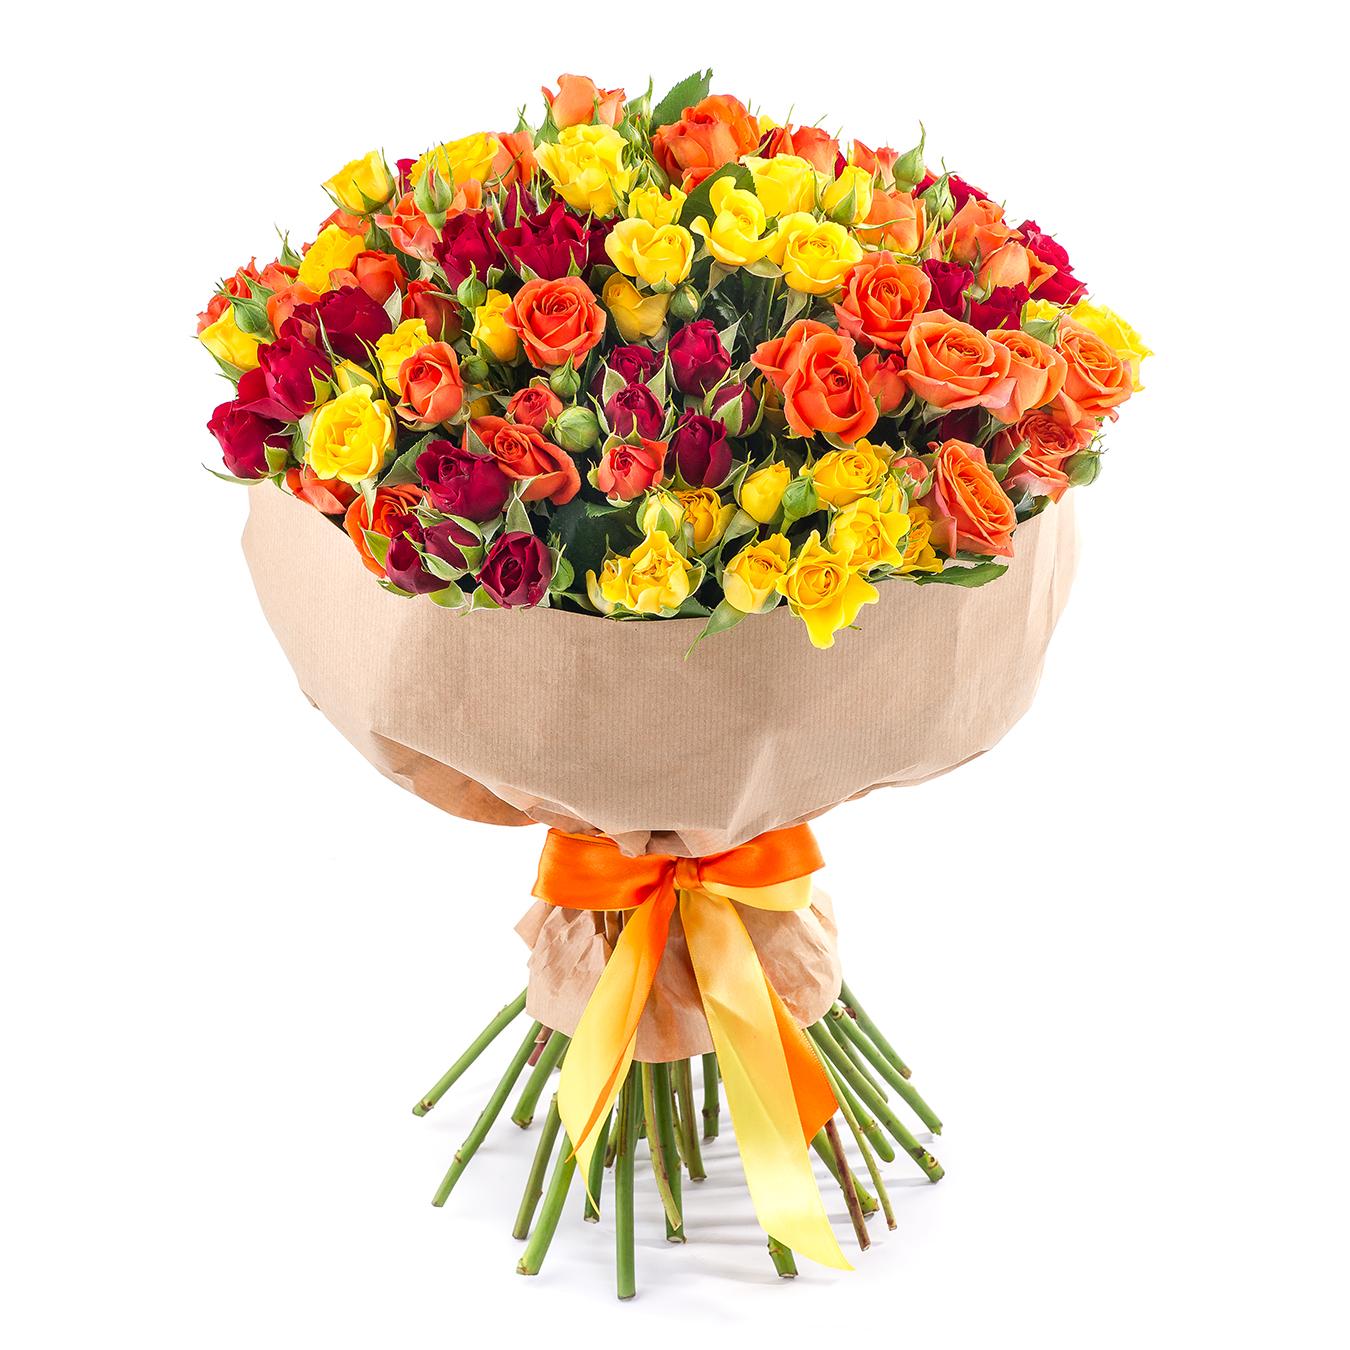 Осеннее ассорти<br>Ингредиенты: Роза кустовая 29 шт, Салал 1 шт, Крафт 1 шт;